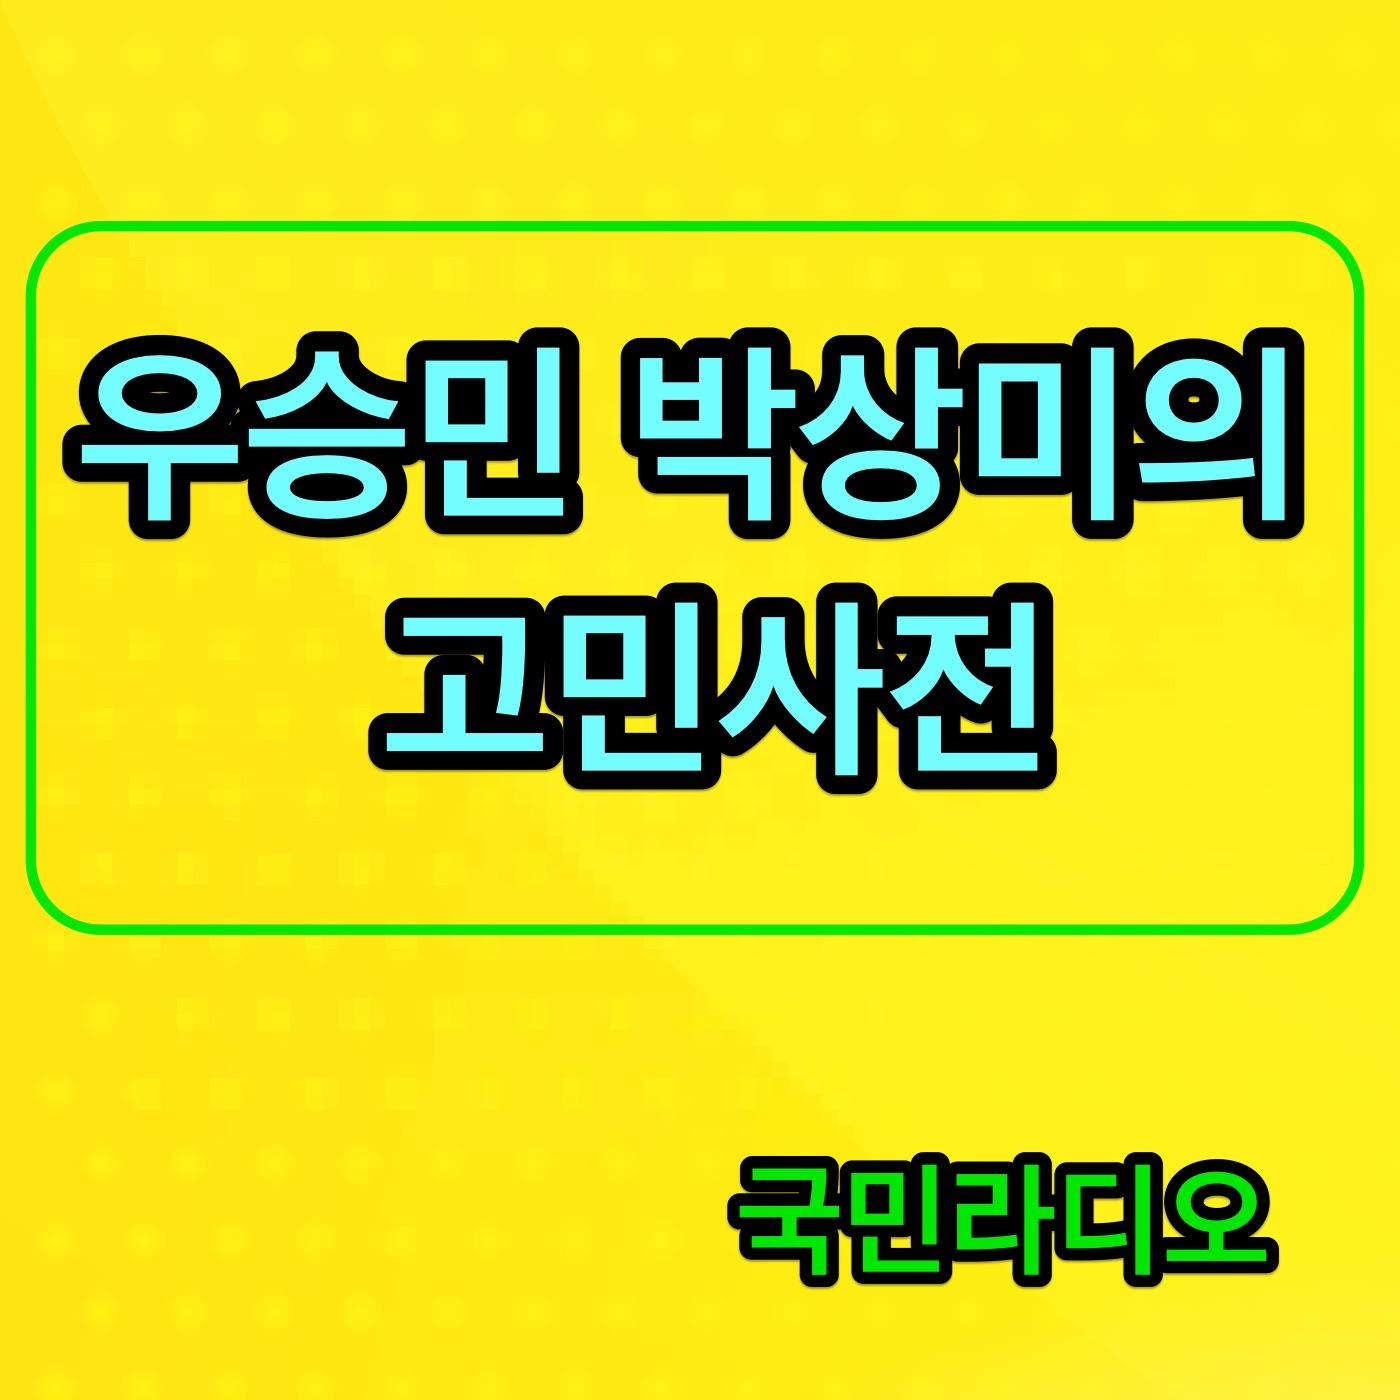 [국민라디오] 우승민 박상미의 고민사전